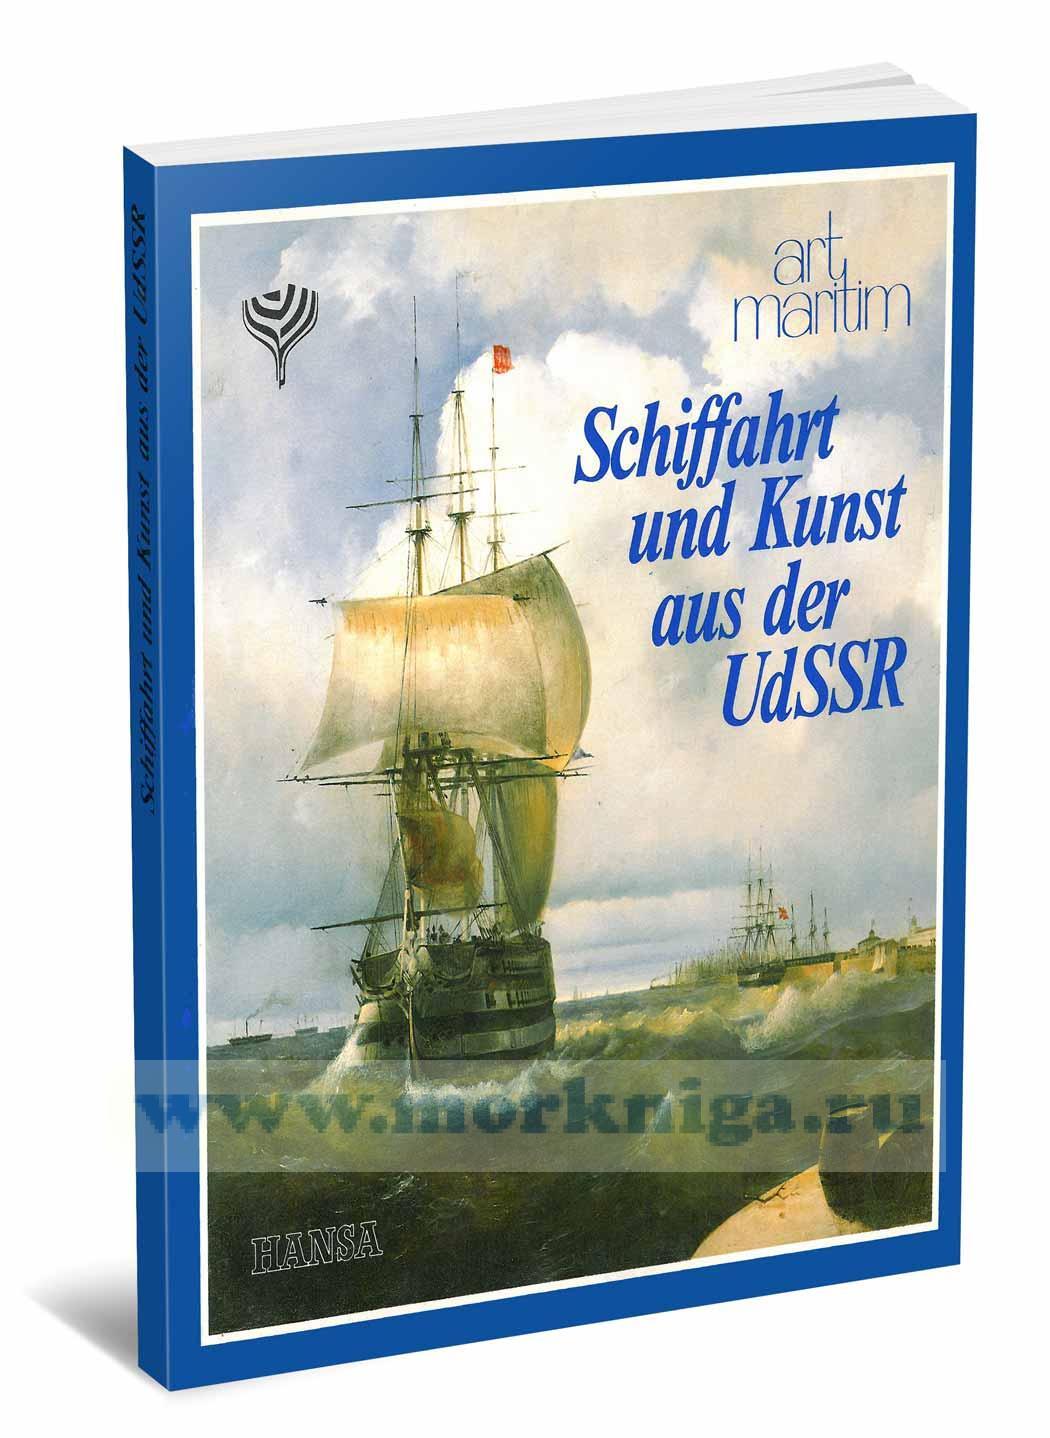 Schiffahrt und Kunst aus der UdSSR